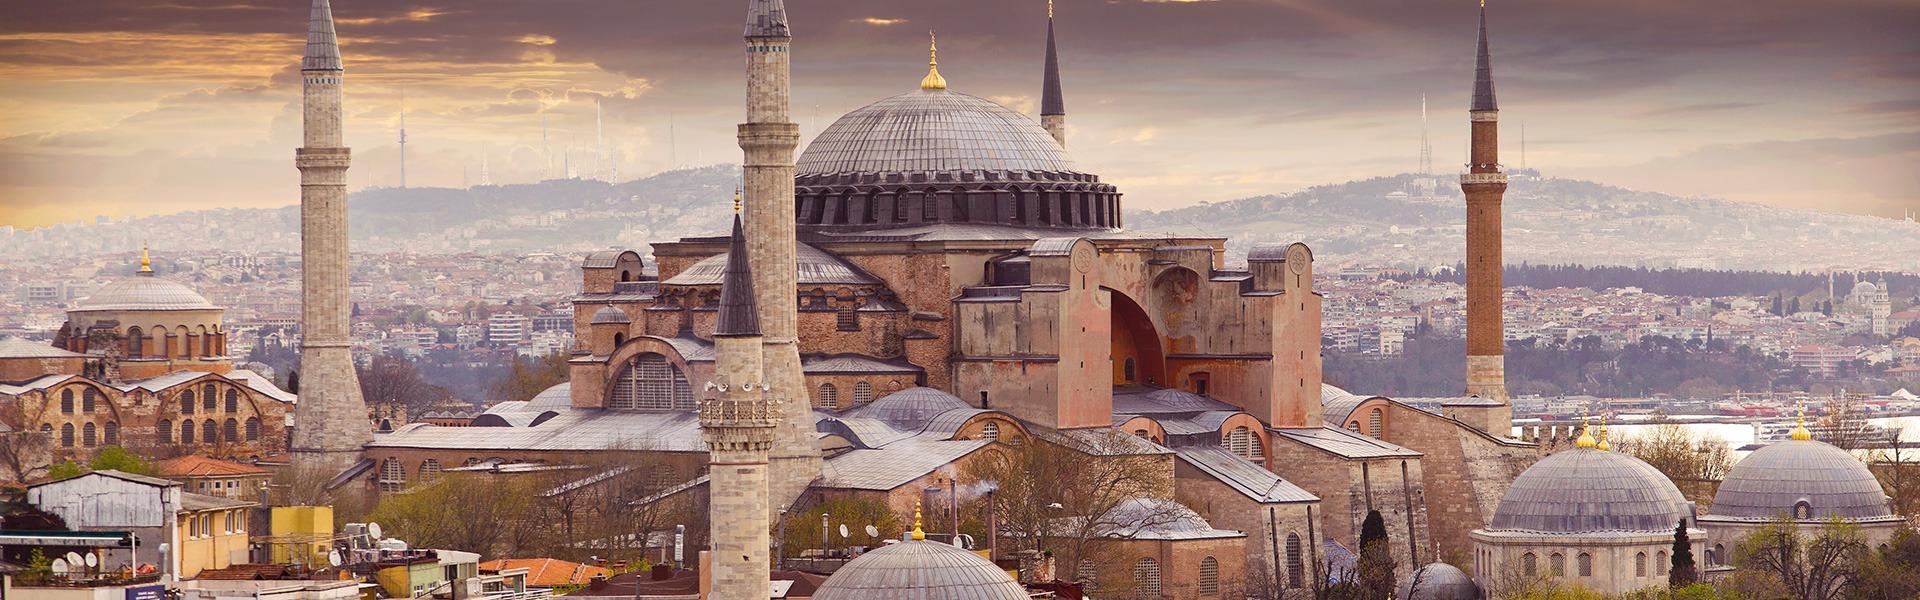 Gastric Bypass Turkey